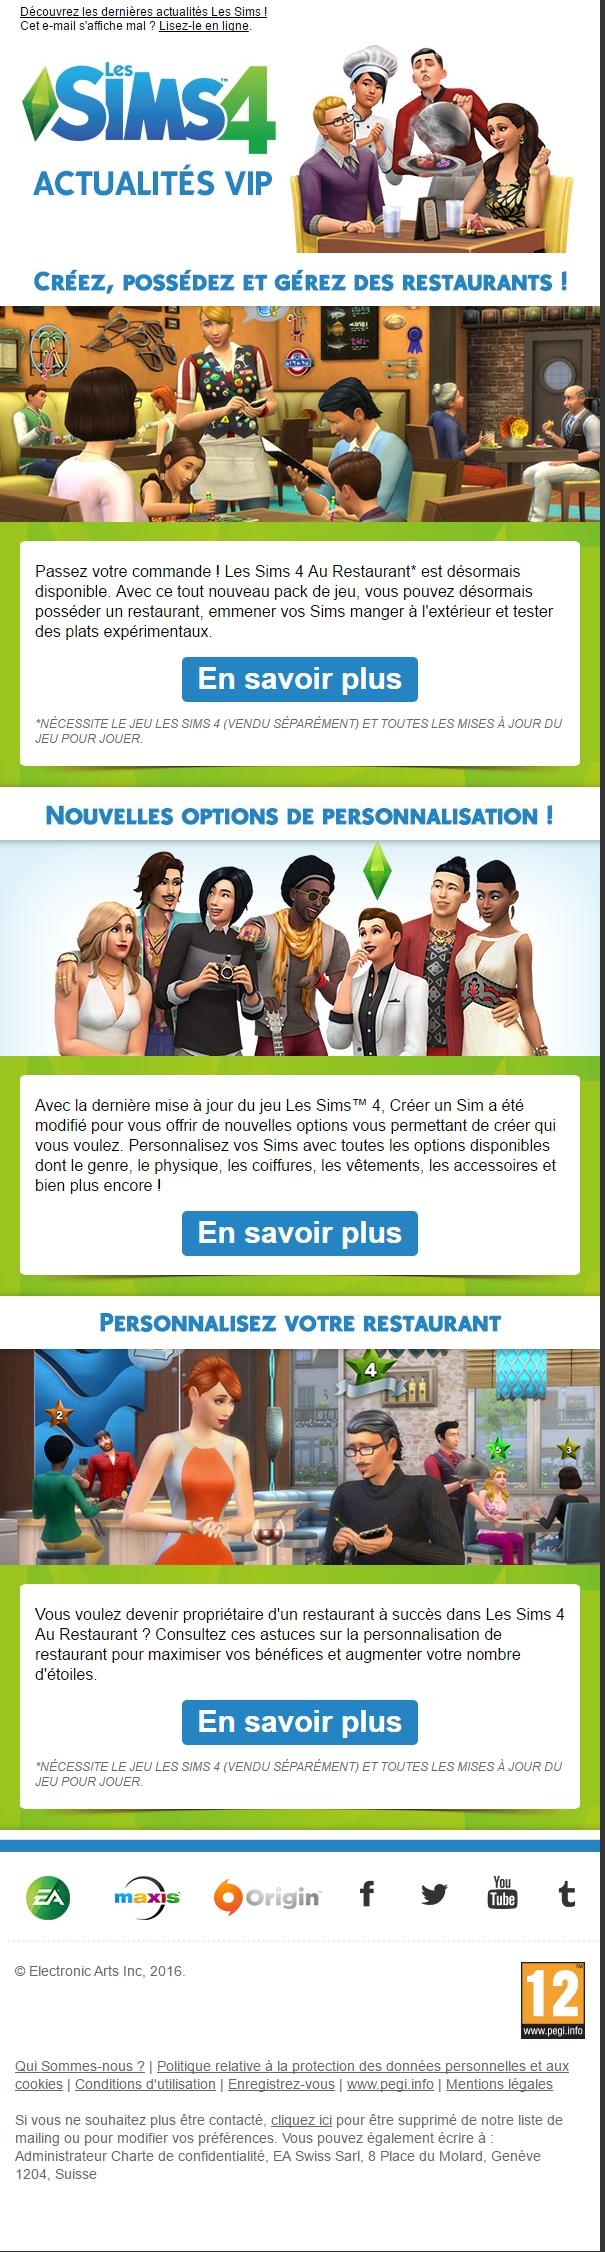 Les Sims 4 Newsletter - Juin 2016